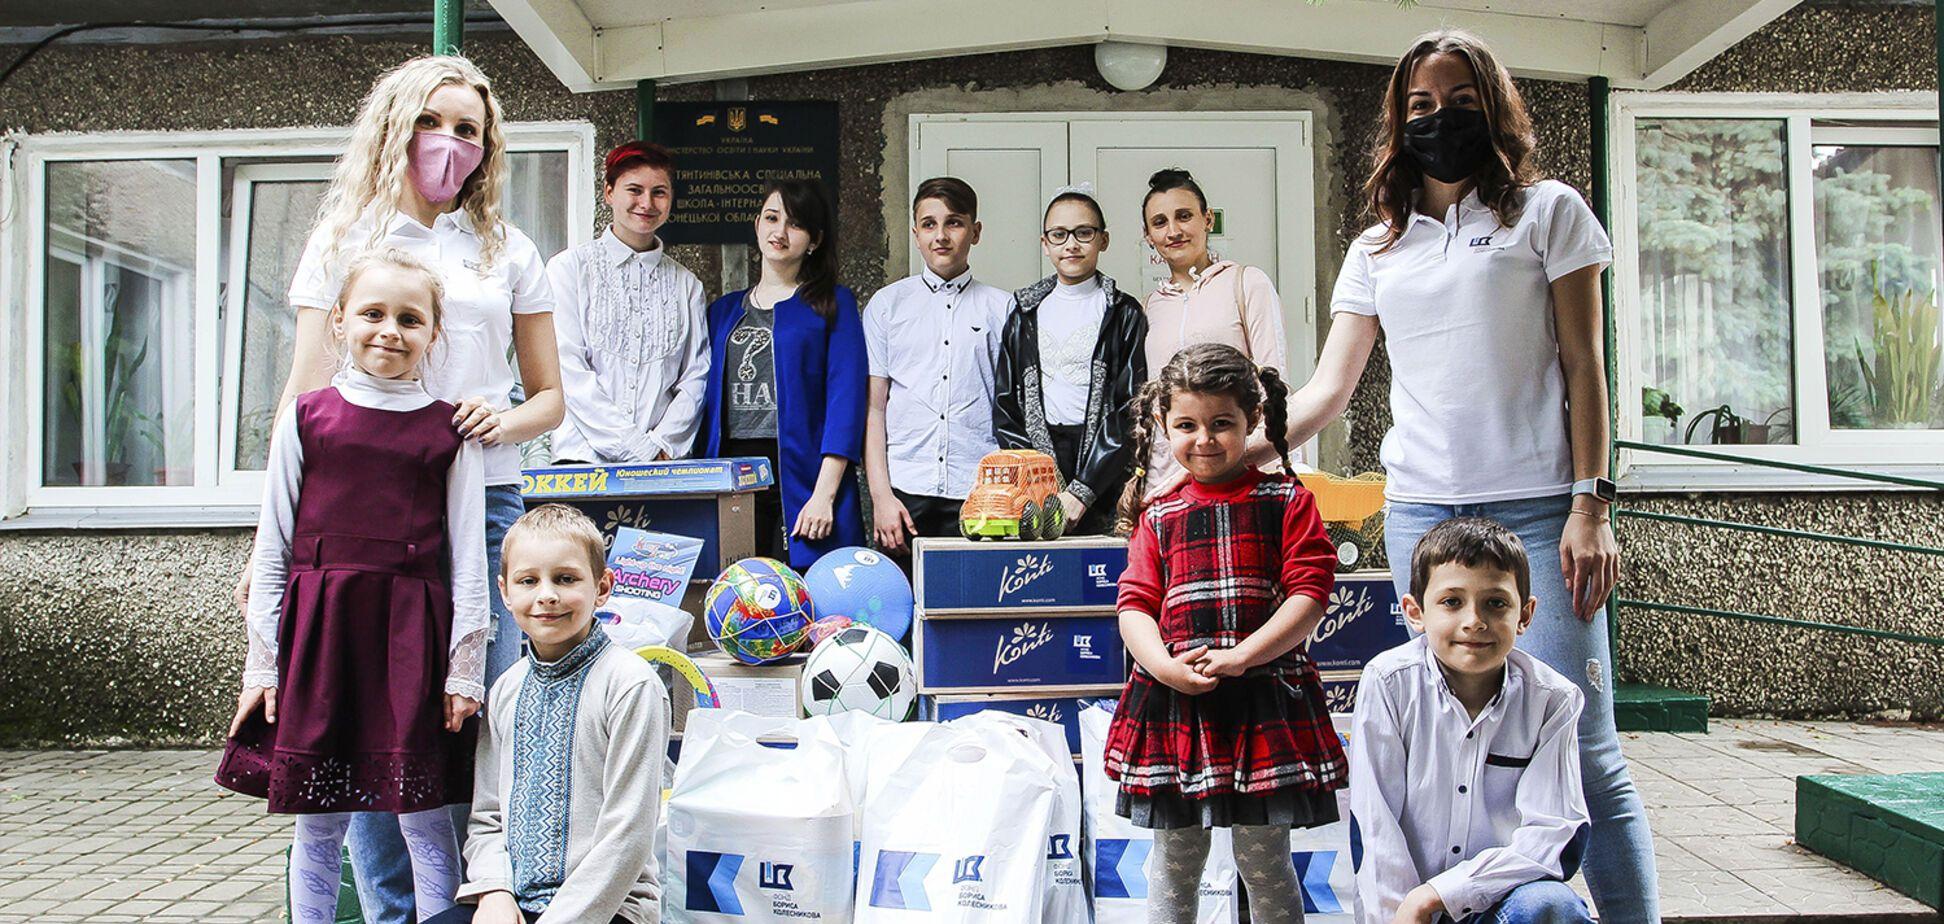 День захисту дітей на Донеччині: подарунки і привітання від благодійників і хокеїстів